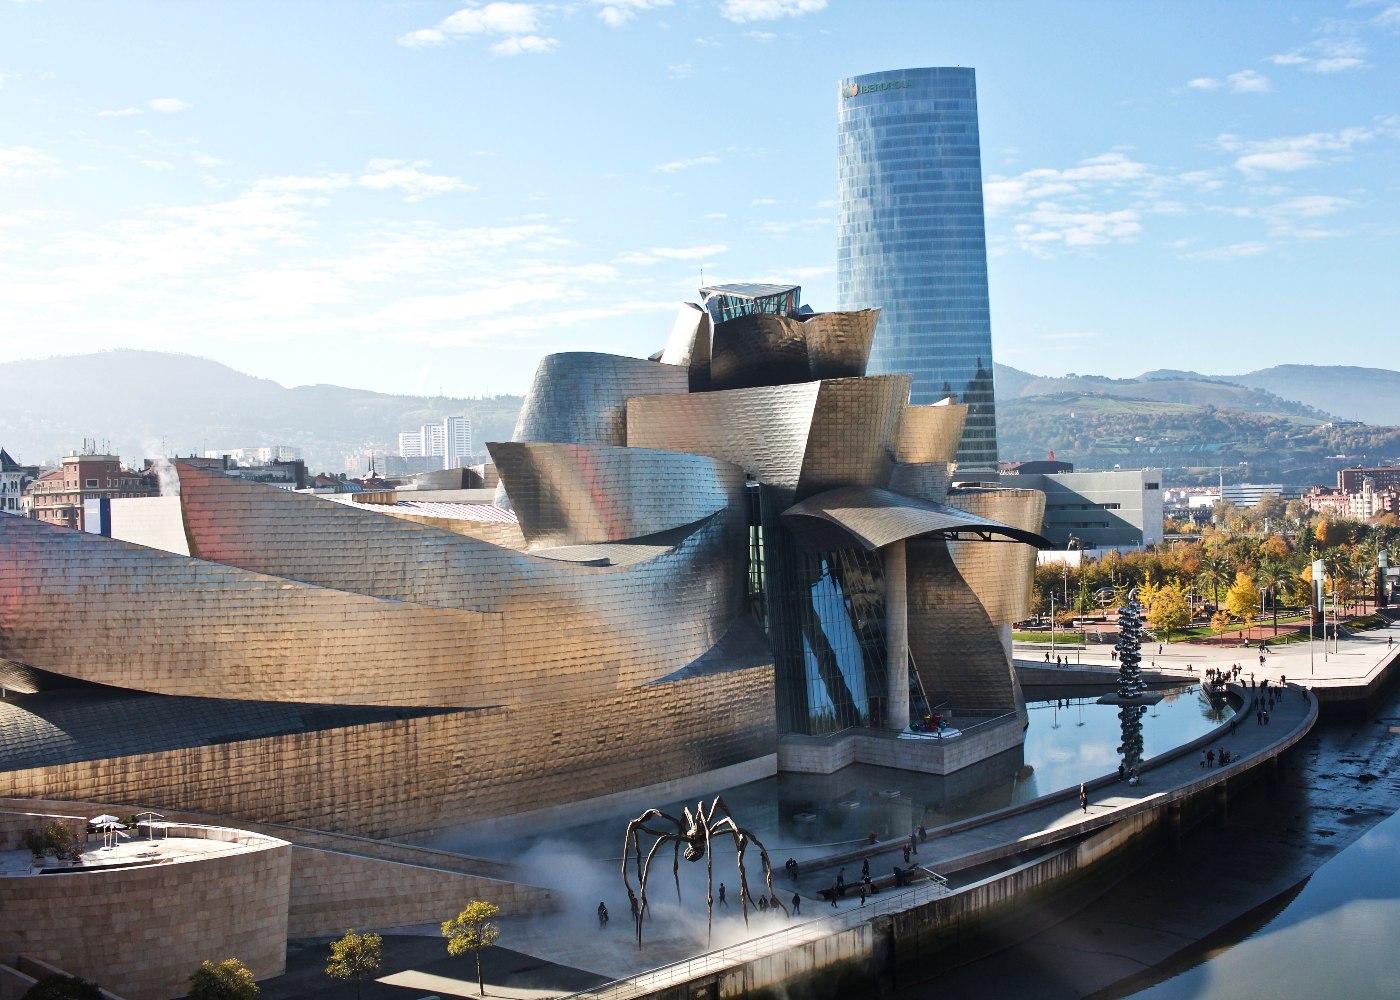 Museu de Bilbao